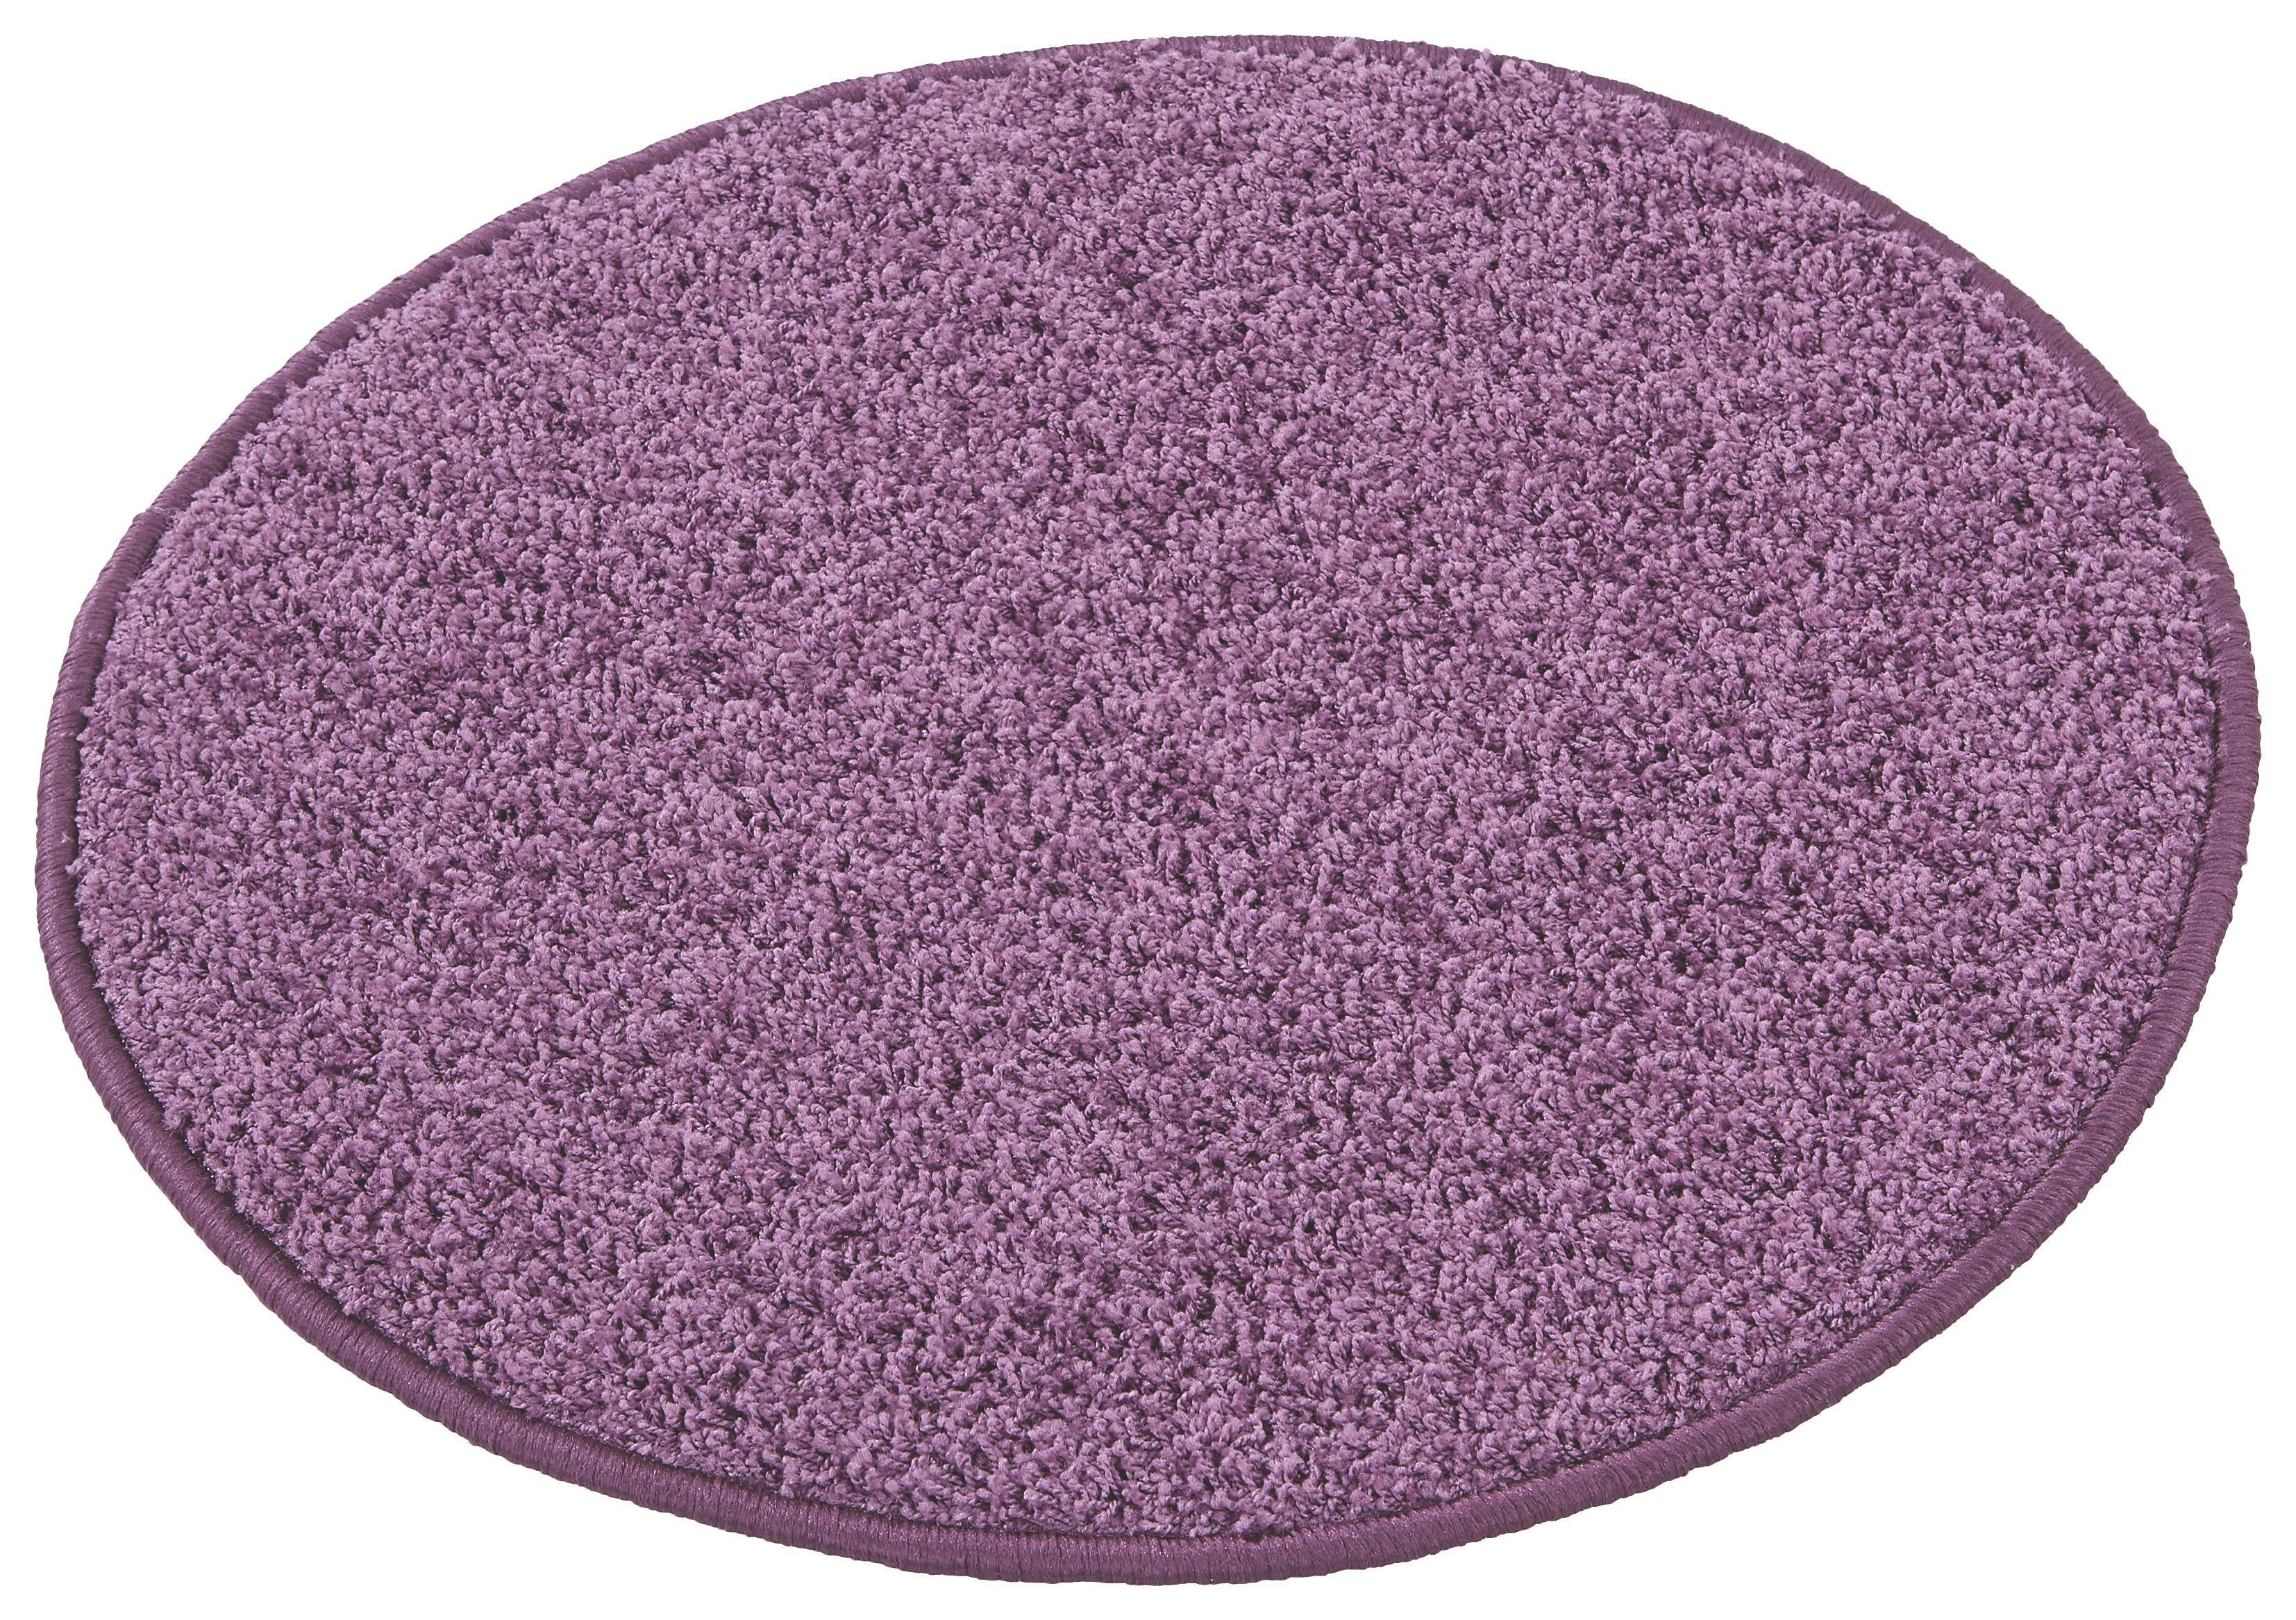 Shaggy Szőnyeg Shpinx - lila, konvencionális, textil (67cm)